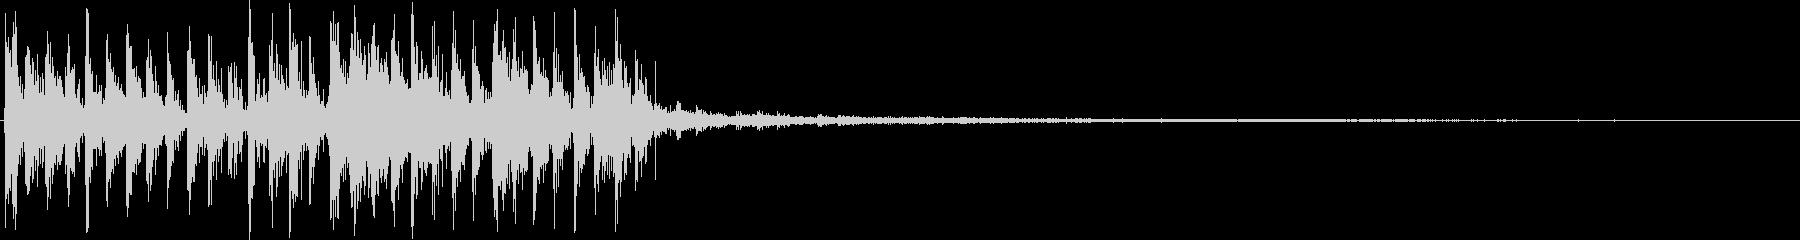 機械的なサウンドロゴの未再生の波形